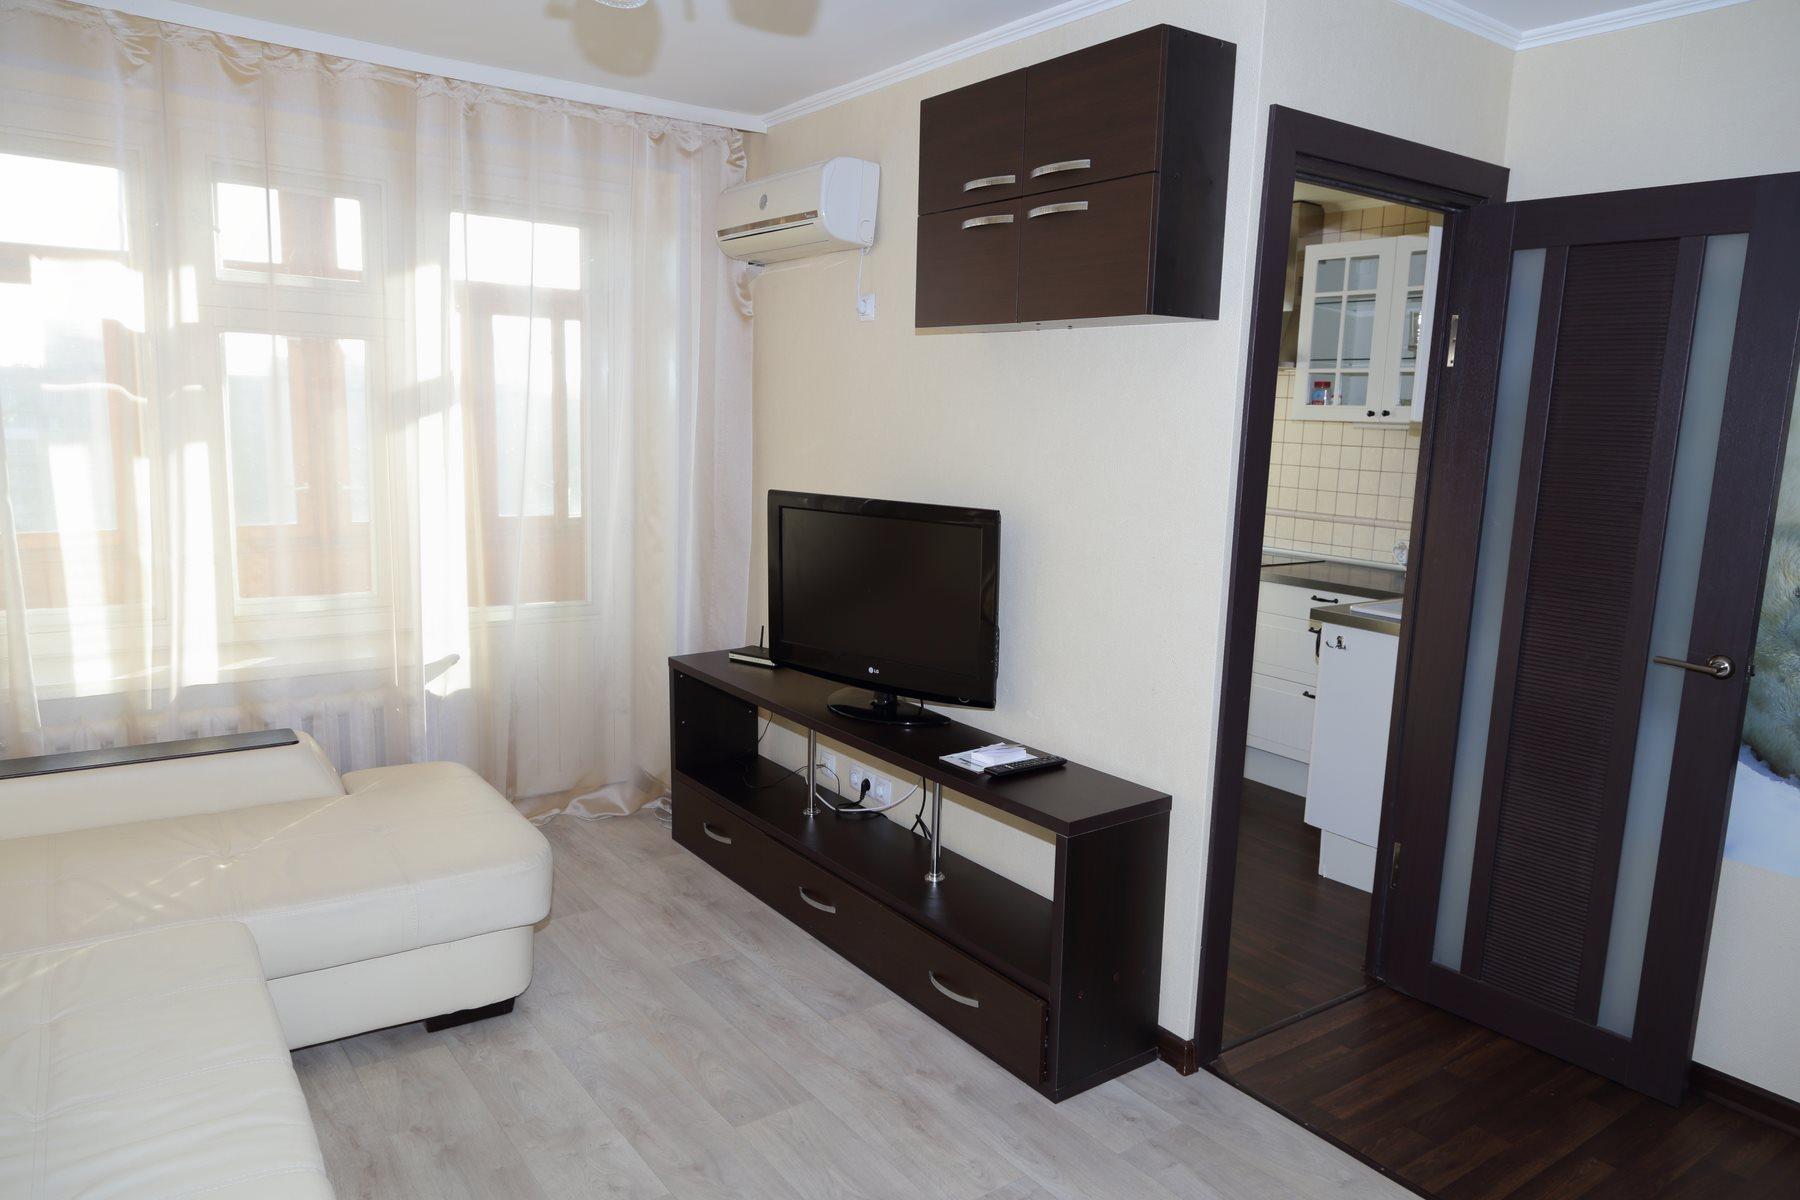 Ремонт квартиры в СПБ Санкт-Петербурге - VK